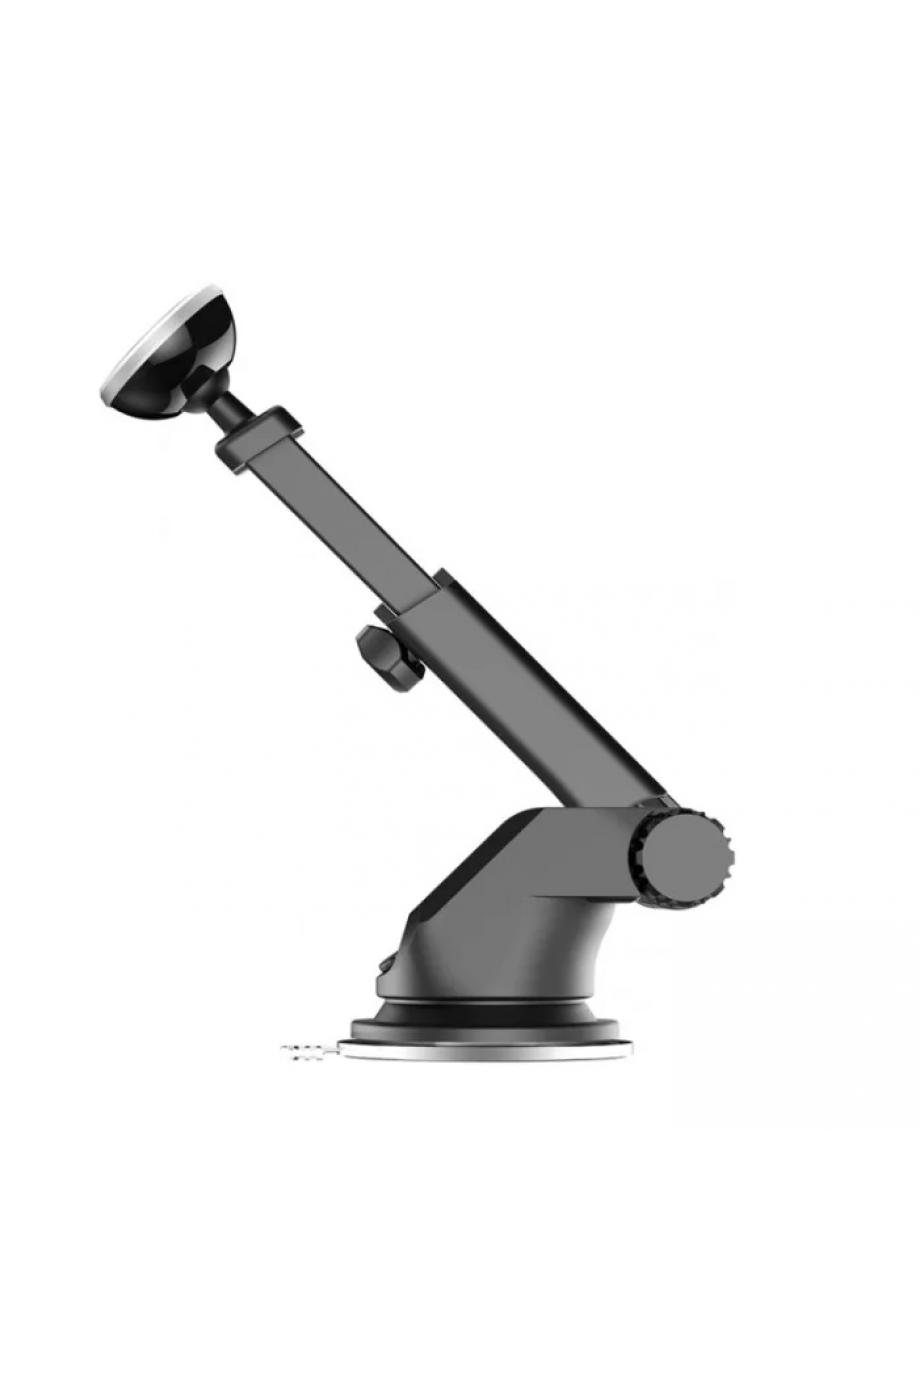 Автомобильный держатель Baseus SULX-0S, магнитный, серебрянный